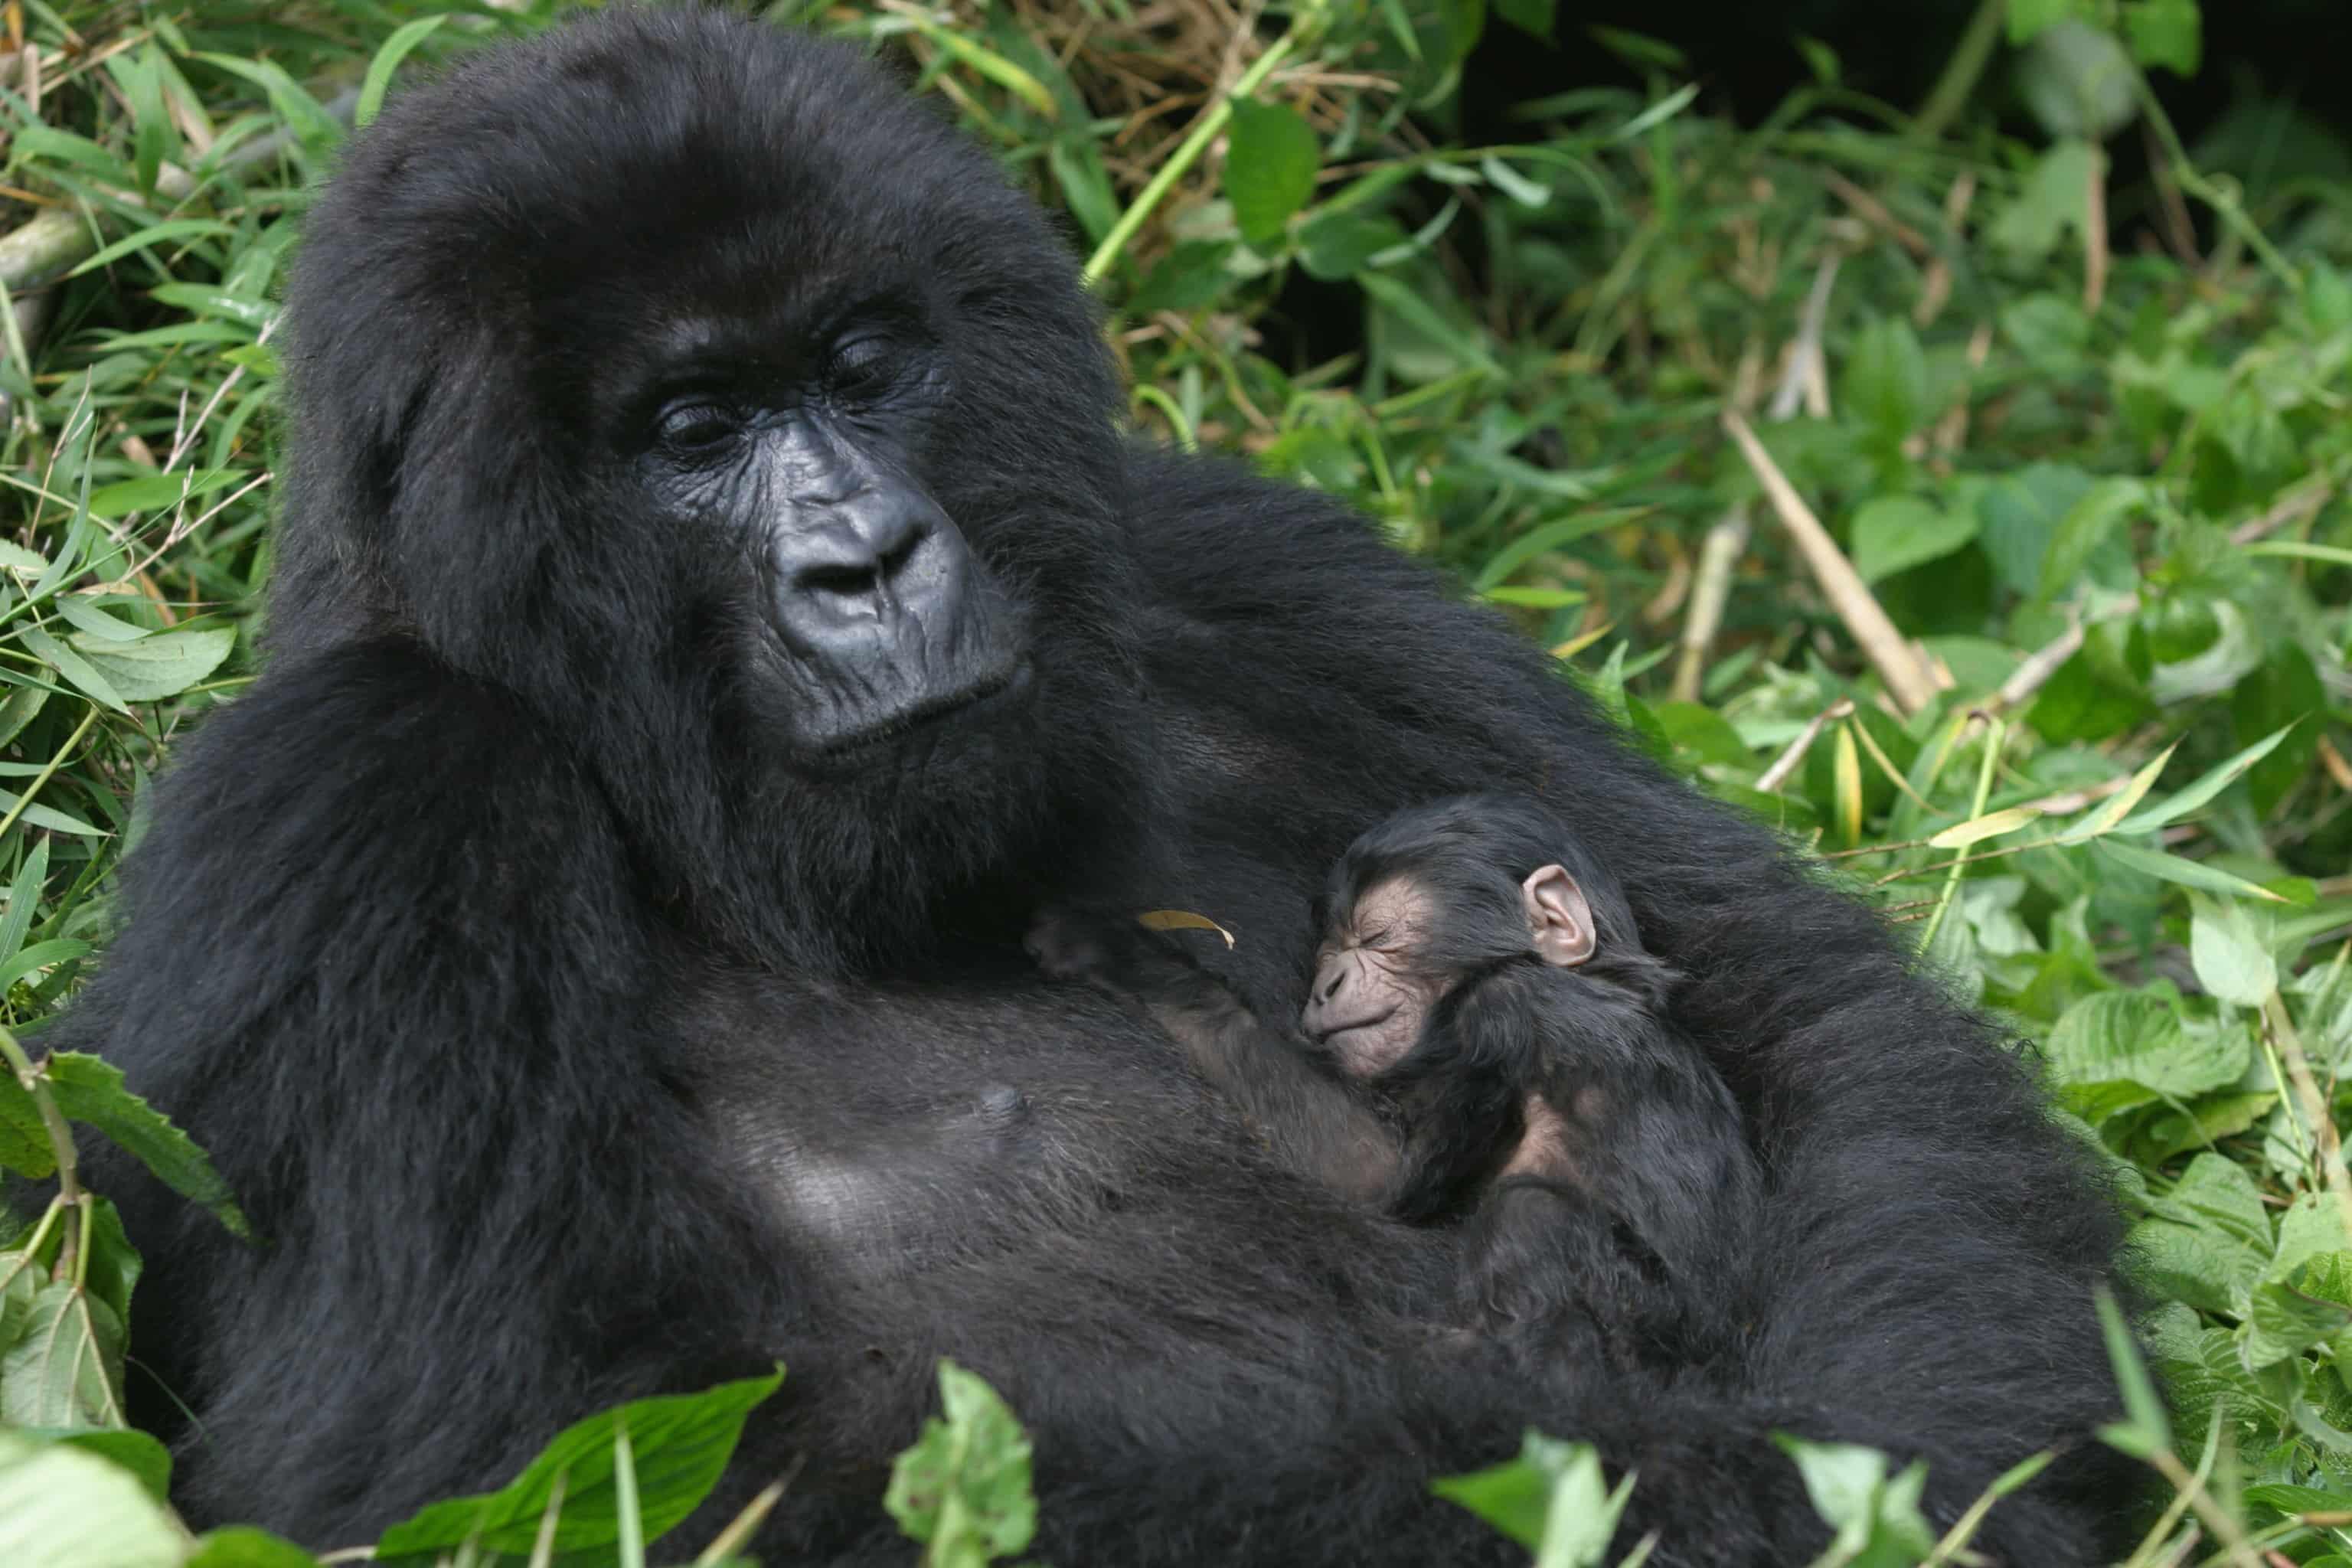 gorilla close up